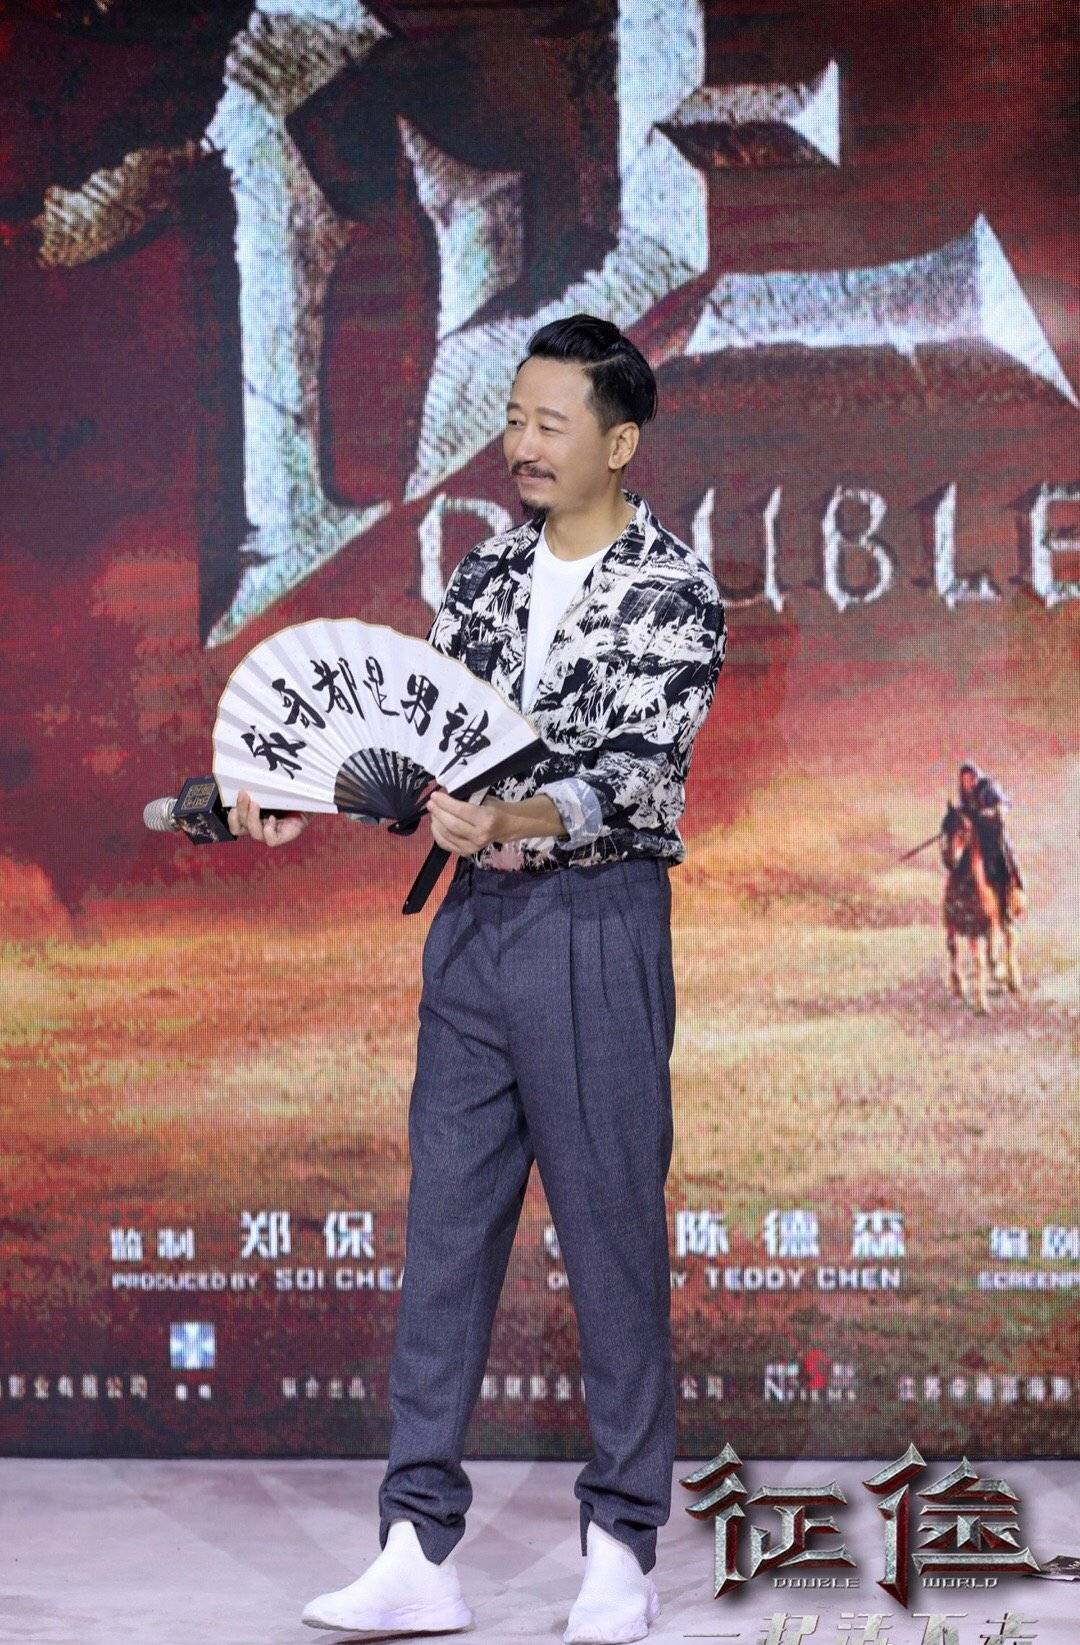 《龙岭迷窟》李夏来 剧中的土大叔 剧外没想到是时尚型男一枚 爸爸 第6张